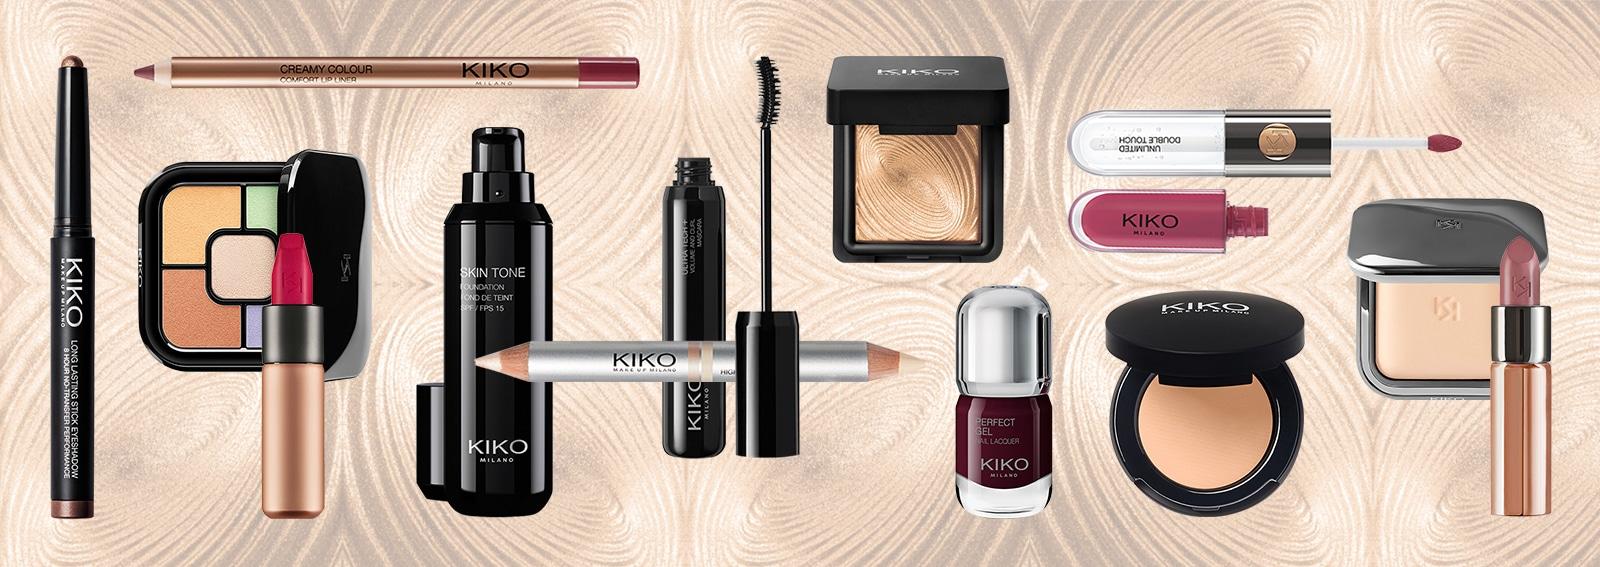 kiko prodotti migliori i must have make up da provare assolutamente cover desktop